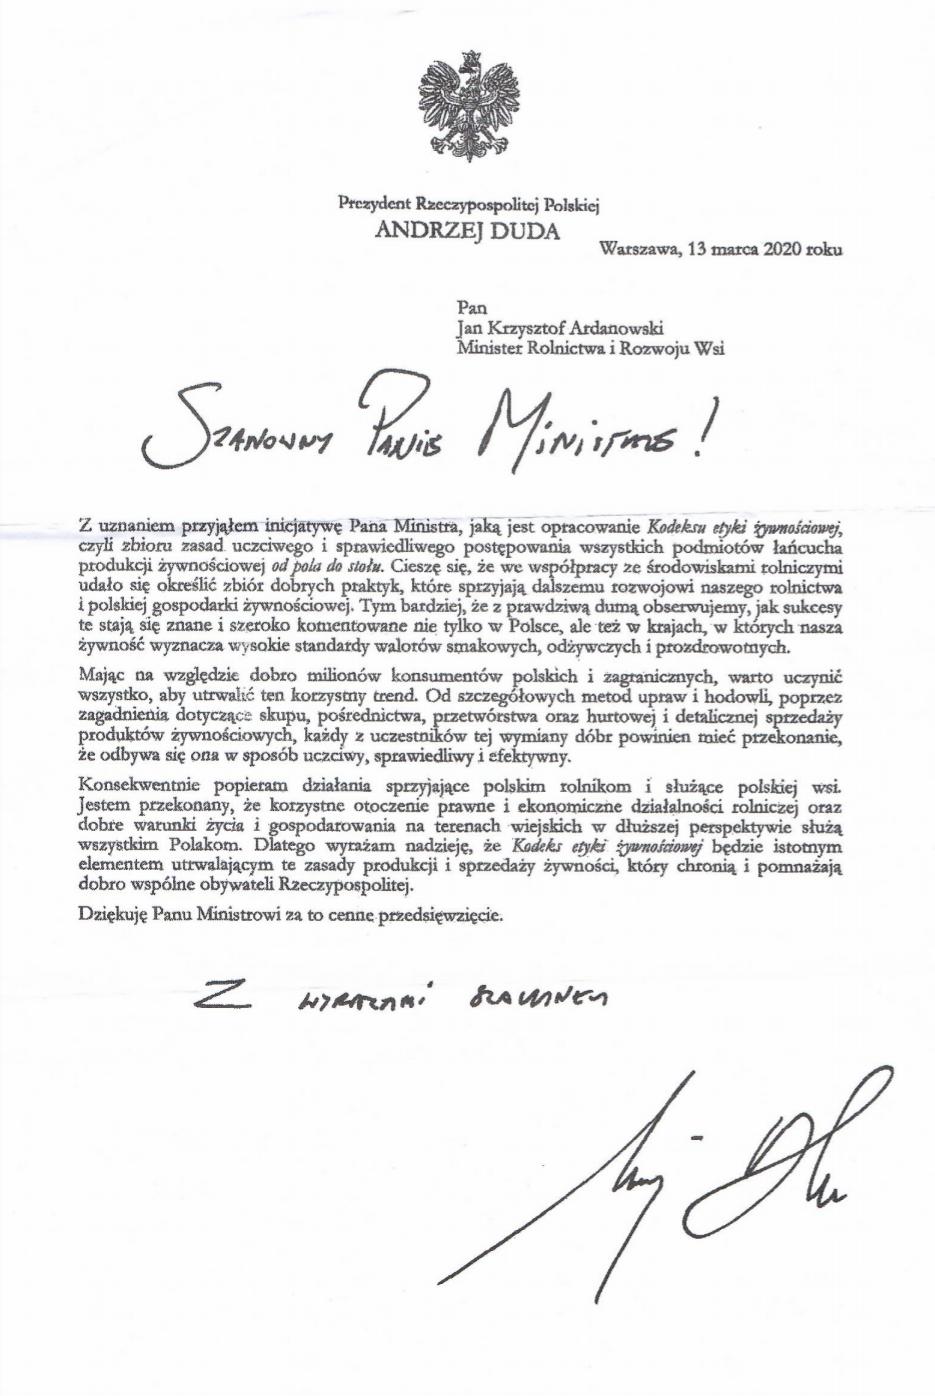 KRUS wraz z powiadomieniem o umorzeniu składek wysłał rolnikom list Andrzeja Dudy, w którym zapewnia, że leży mu na sercu dobro wsi i rolników.